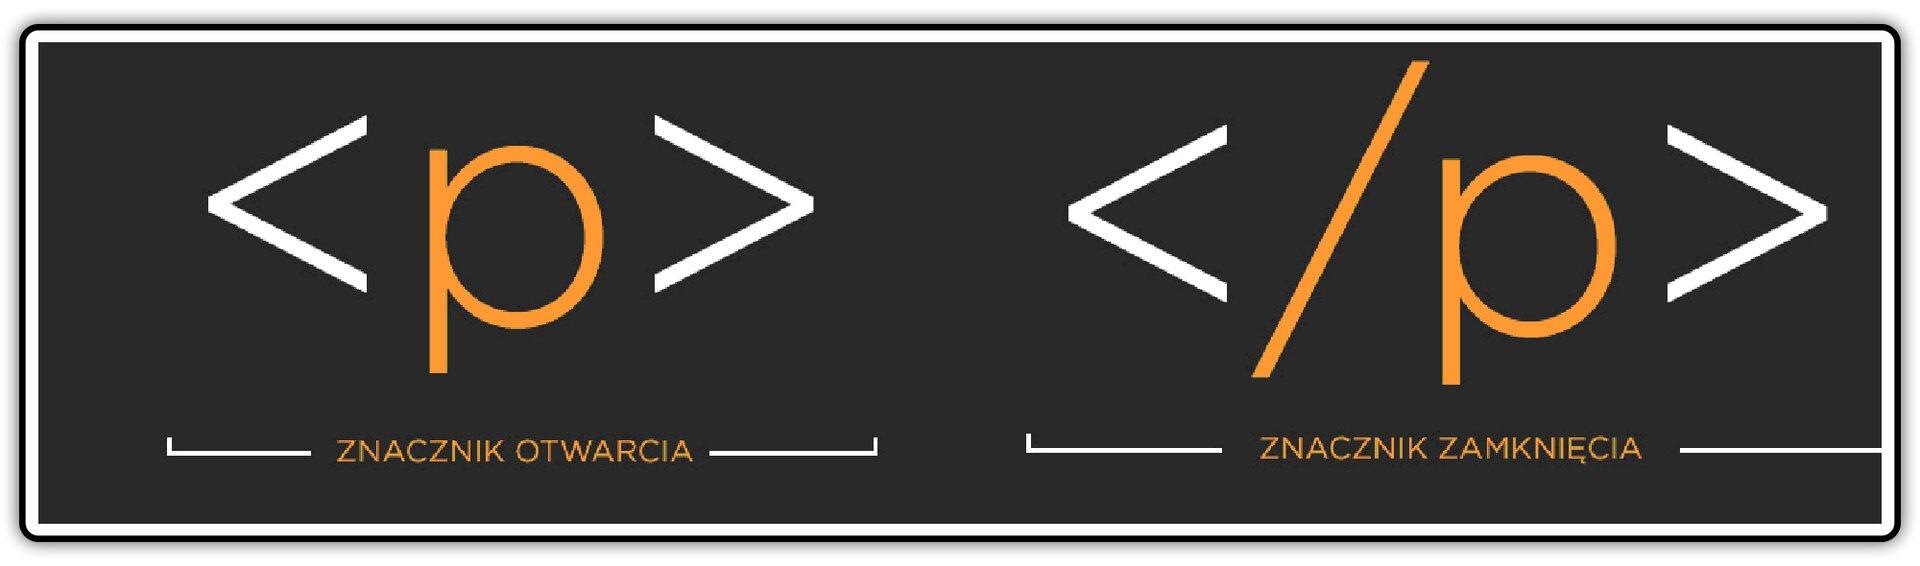 Ilustracja przedstawiająca znacznik otwarcia iznacznik zamknięcia